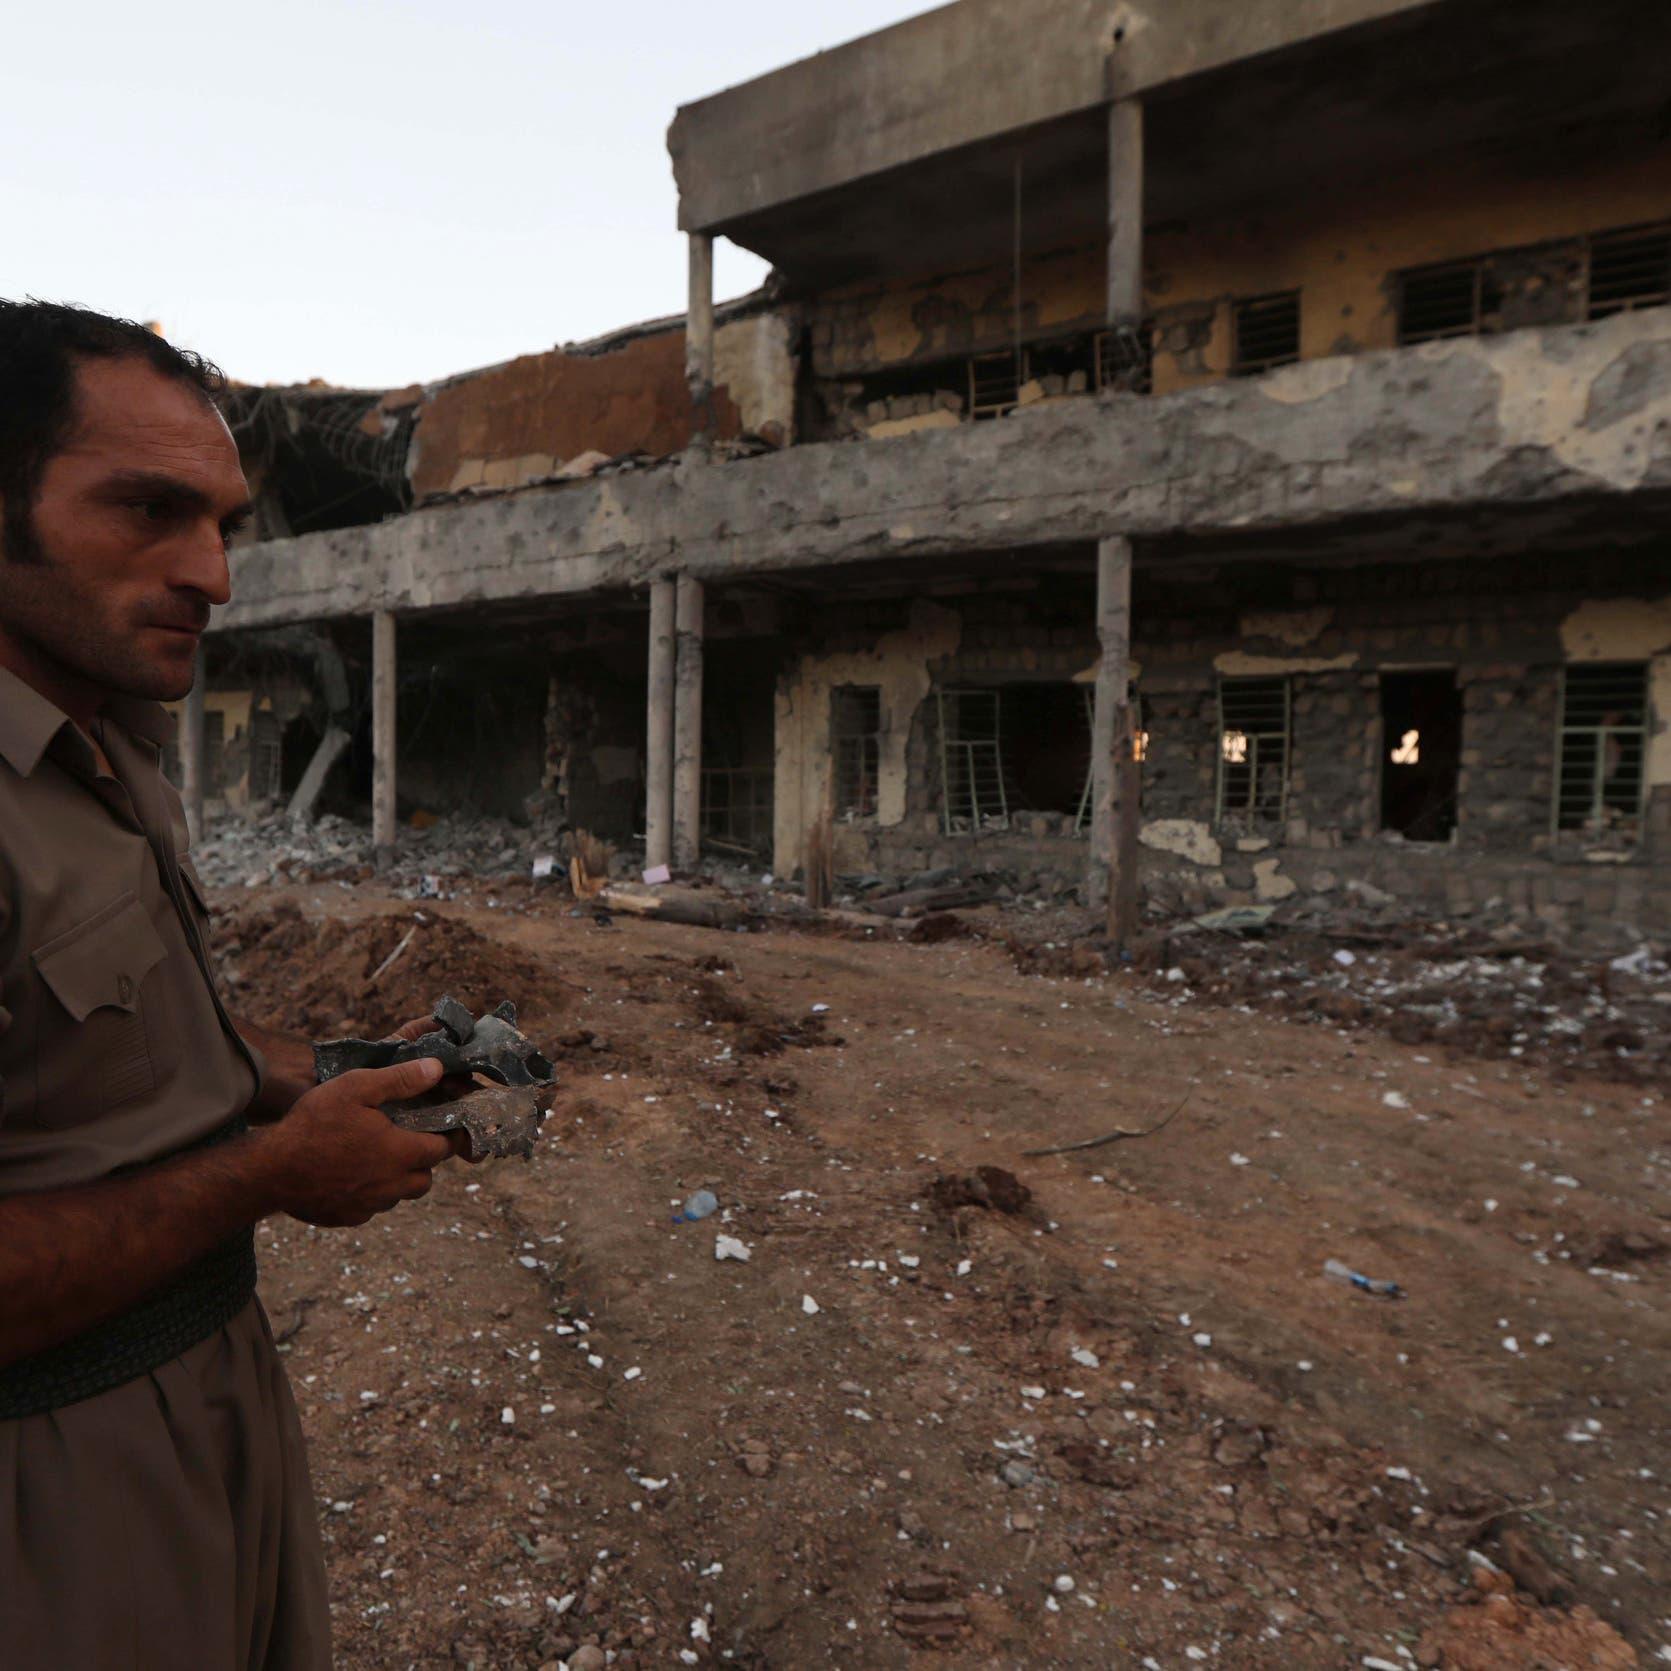 الحرس الثوري الإيراني يقصف مناطق في كردستان العراق